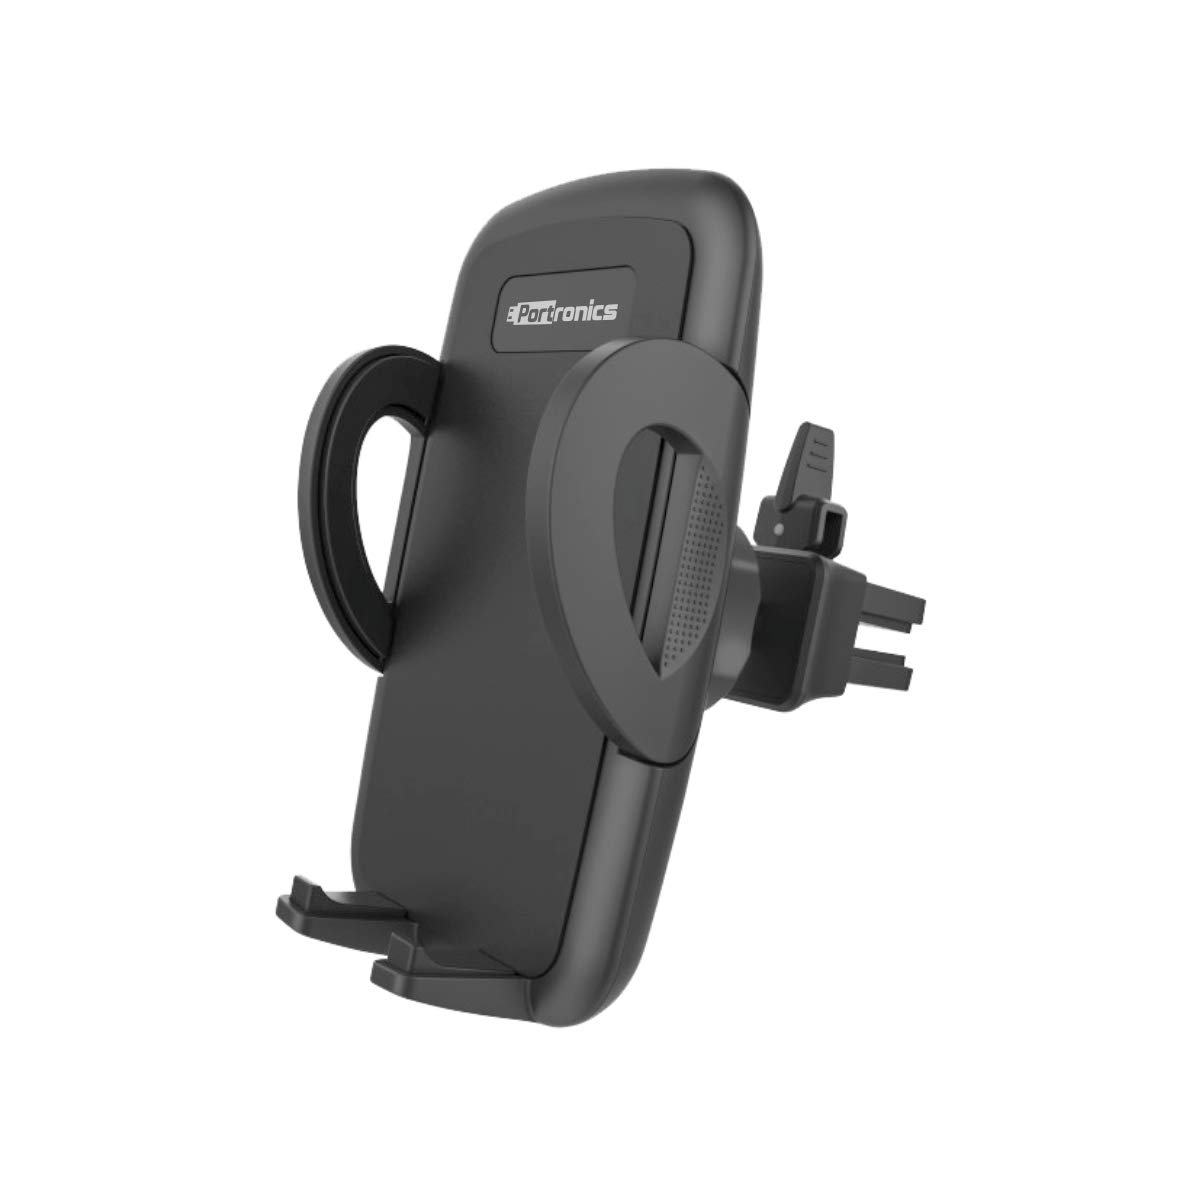 Portronics CLAMP X POR-1101 Car-Vent Mobile Holder